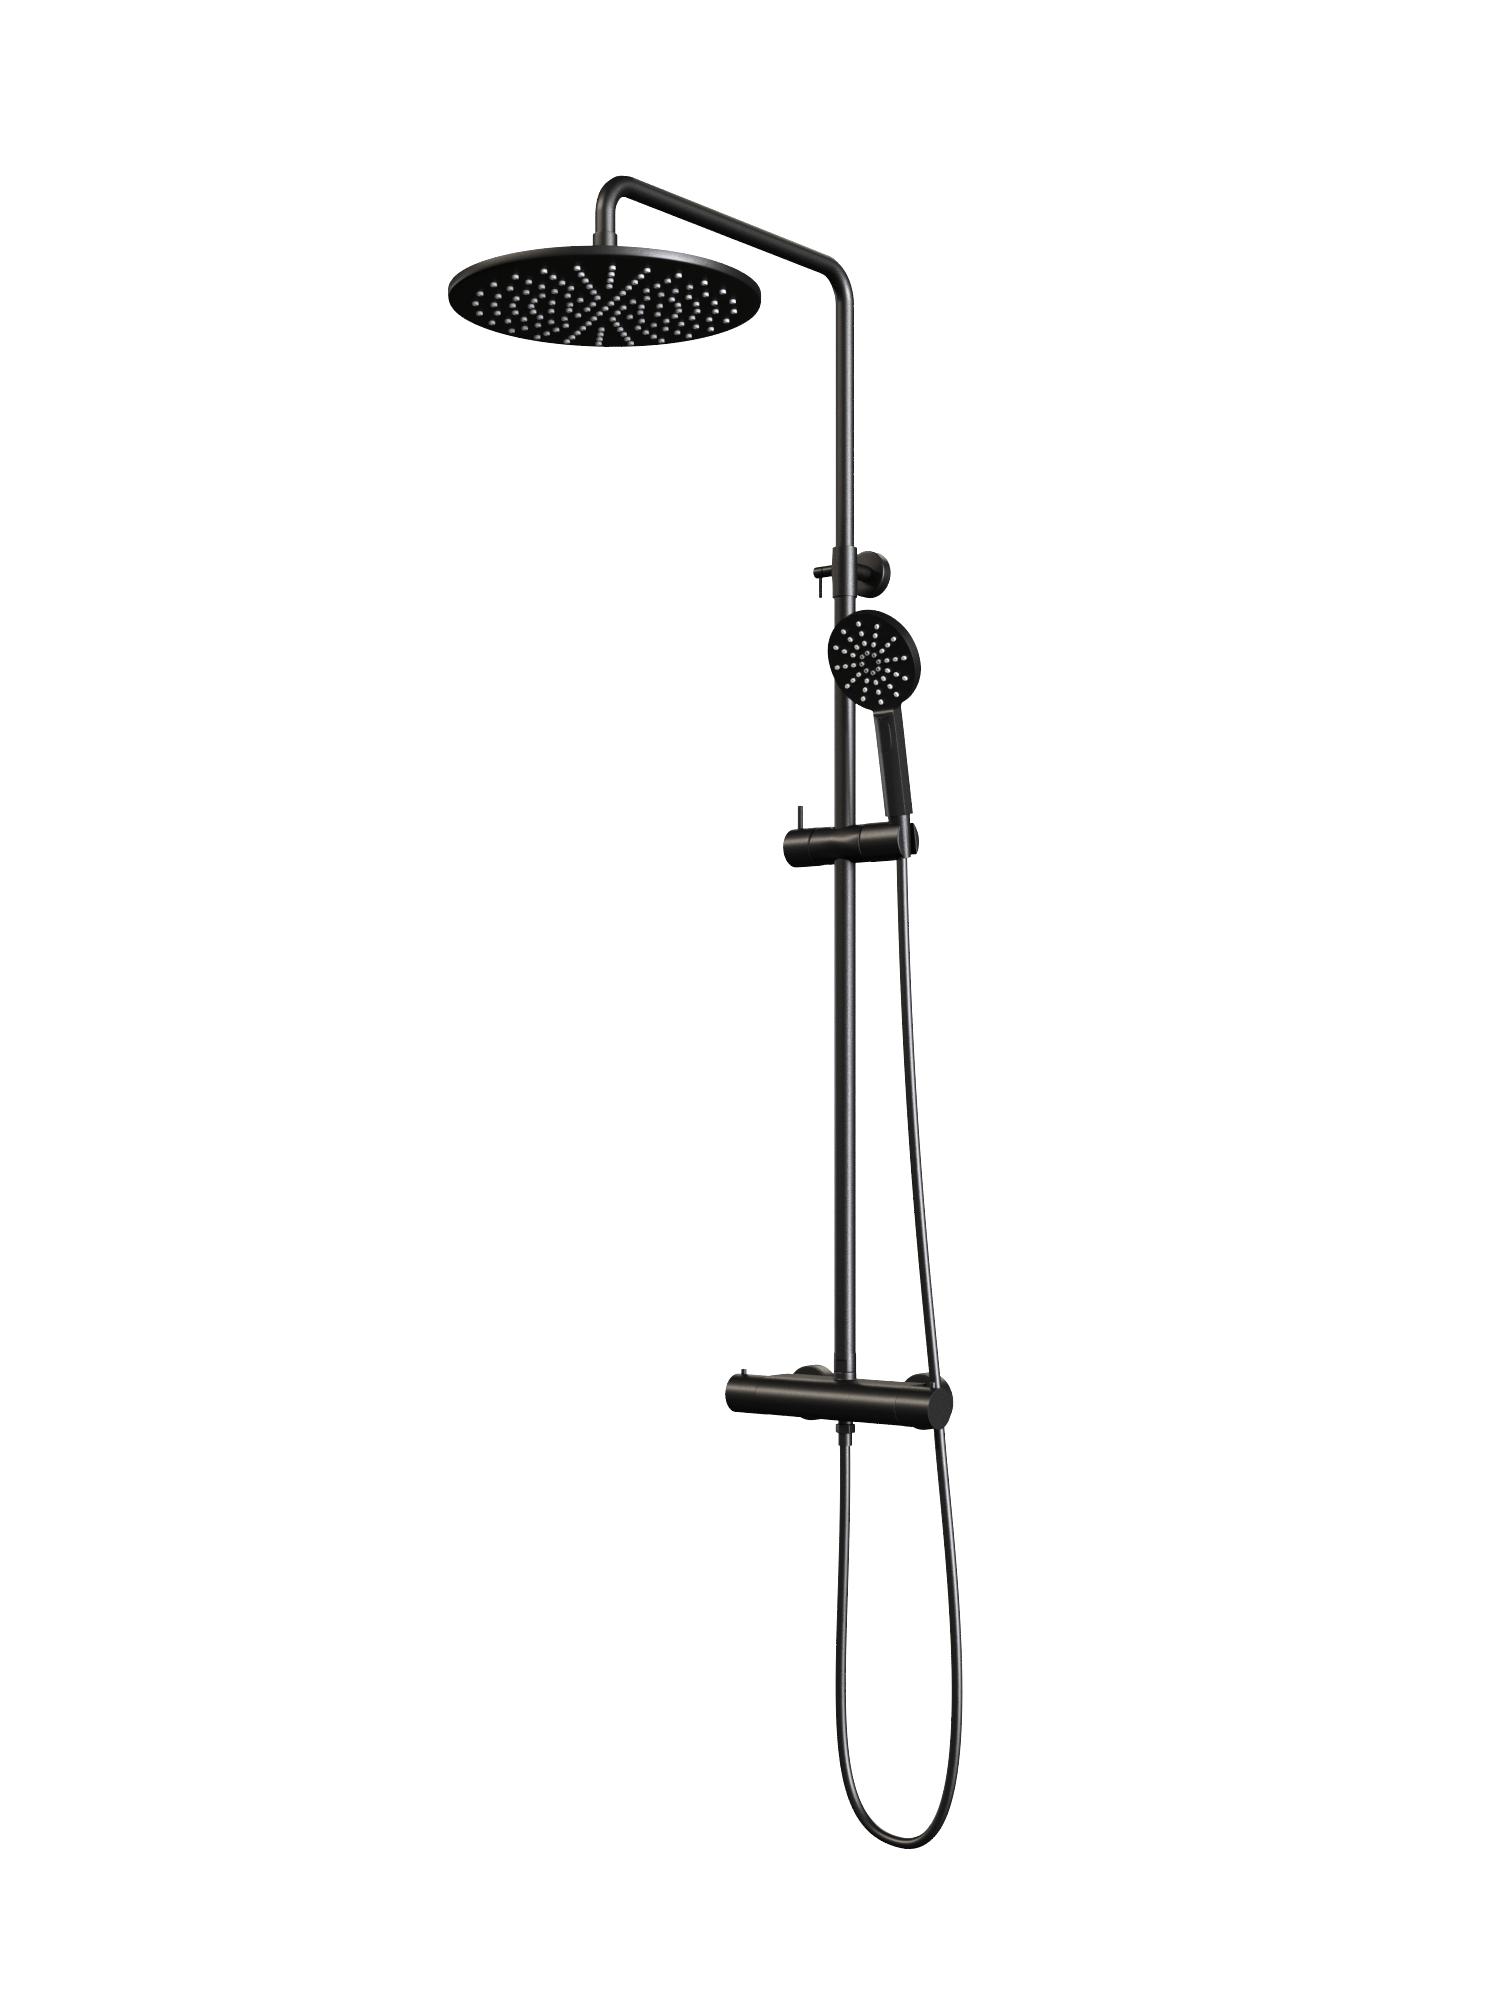 Regendouche Brauer Black Showerpipe met Thermostaat 30cm 3 Standen Mat Zwart